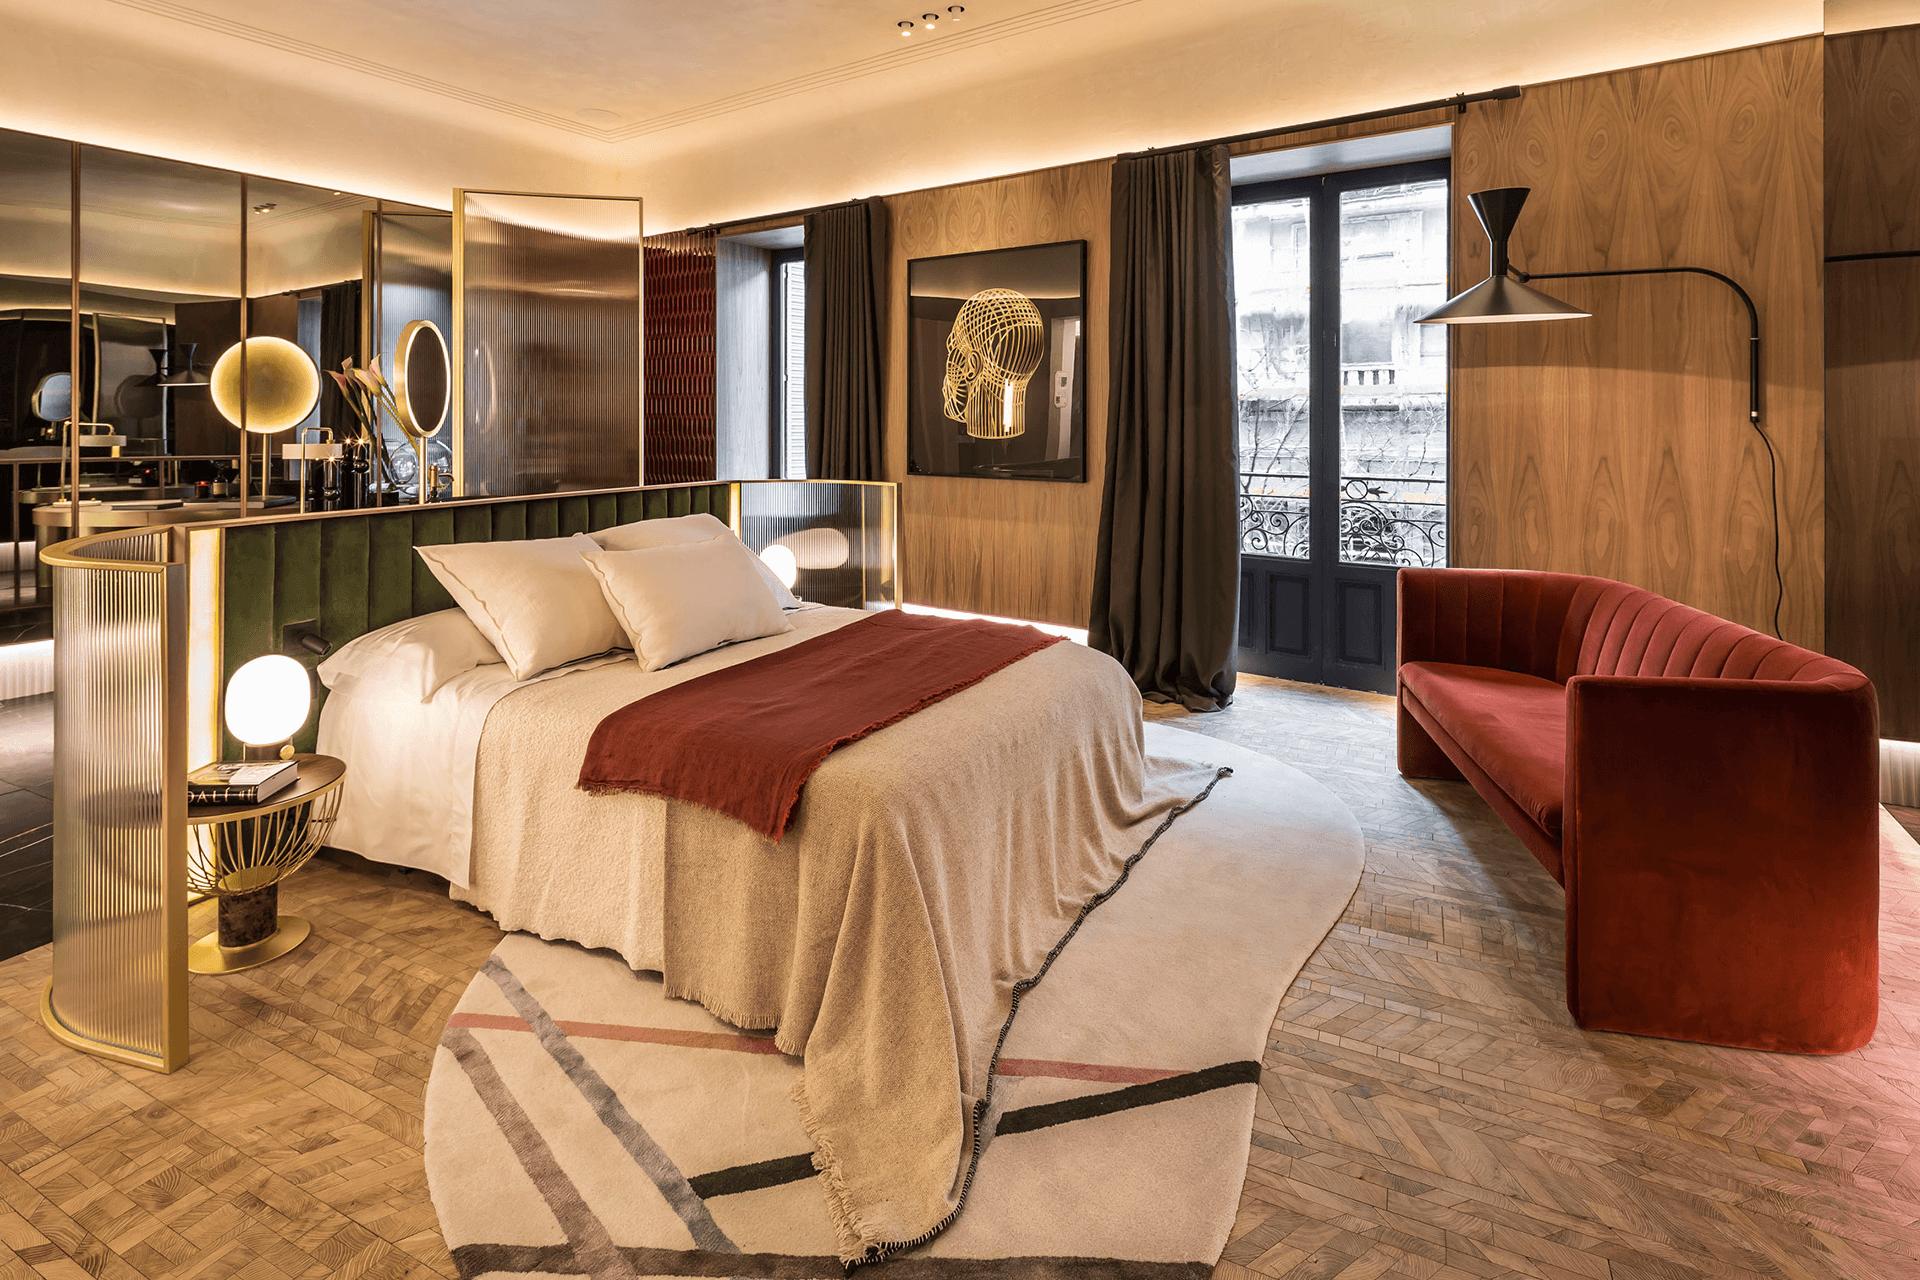 Diseño de Interiores: The Room Studio crea proyectos exclusivos